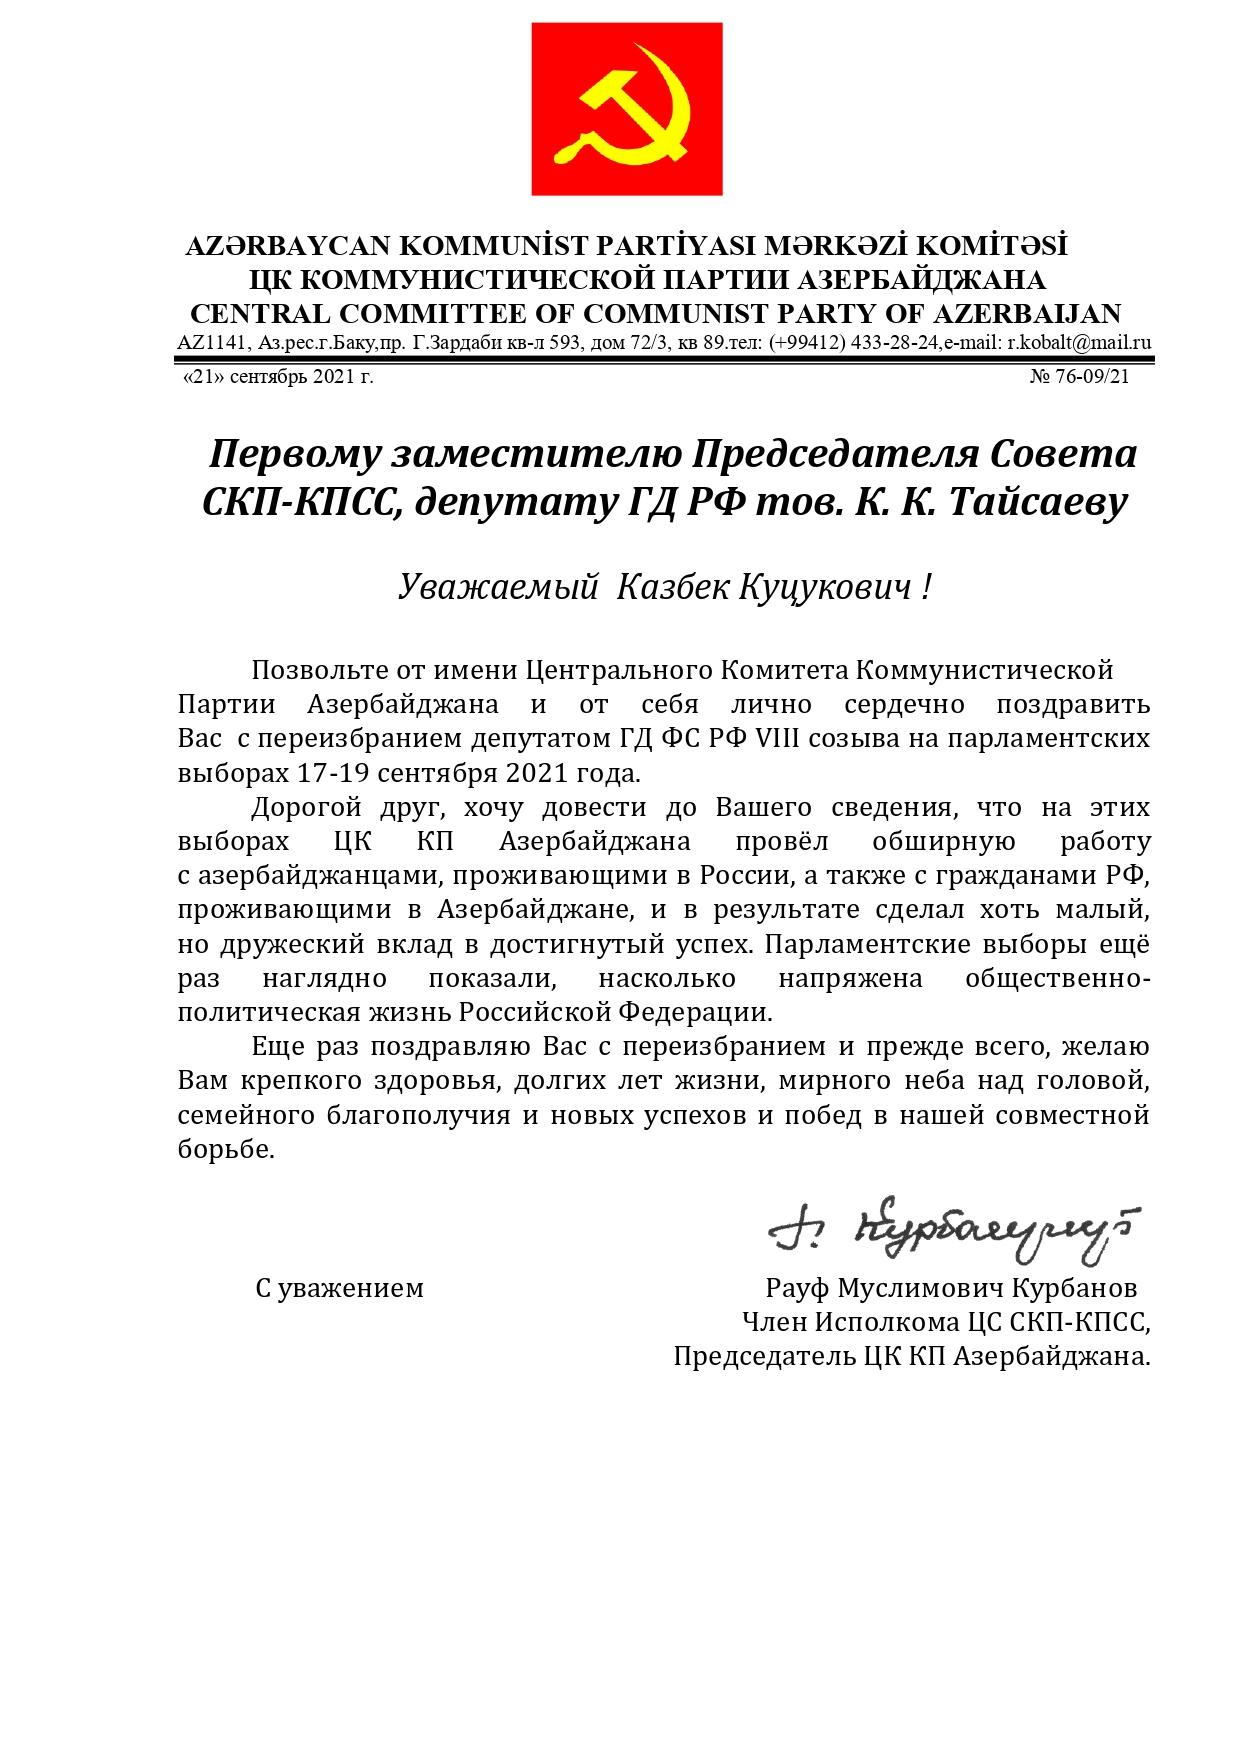 21.09.2021 г. Поздравление К.К. Таисаеву_page-0001